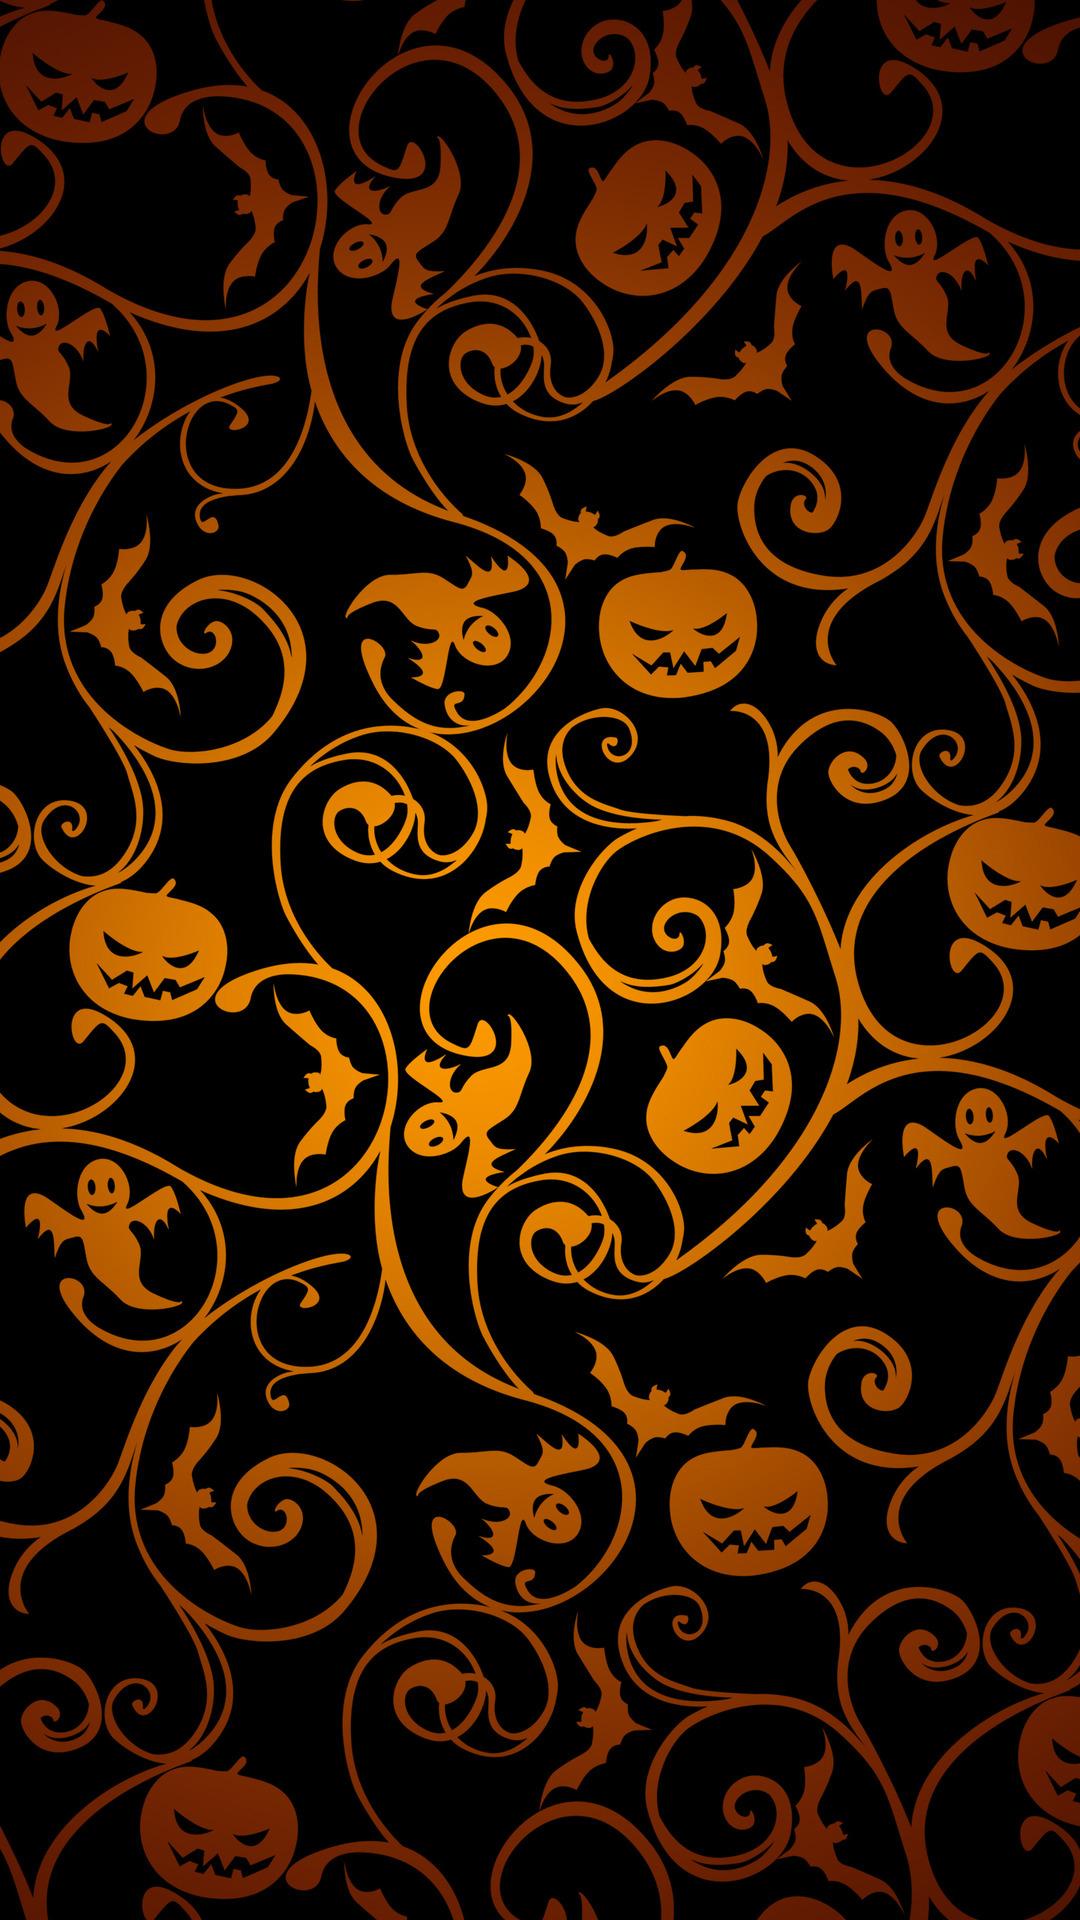 Cat Black Wallpaper Hd X